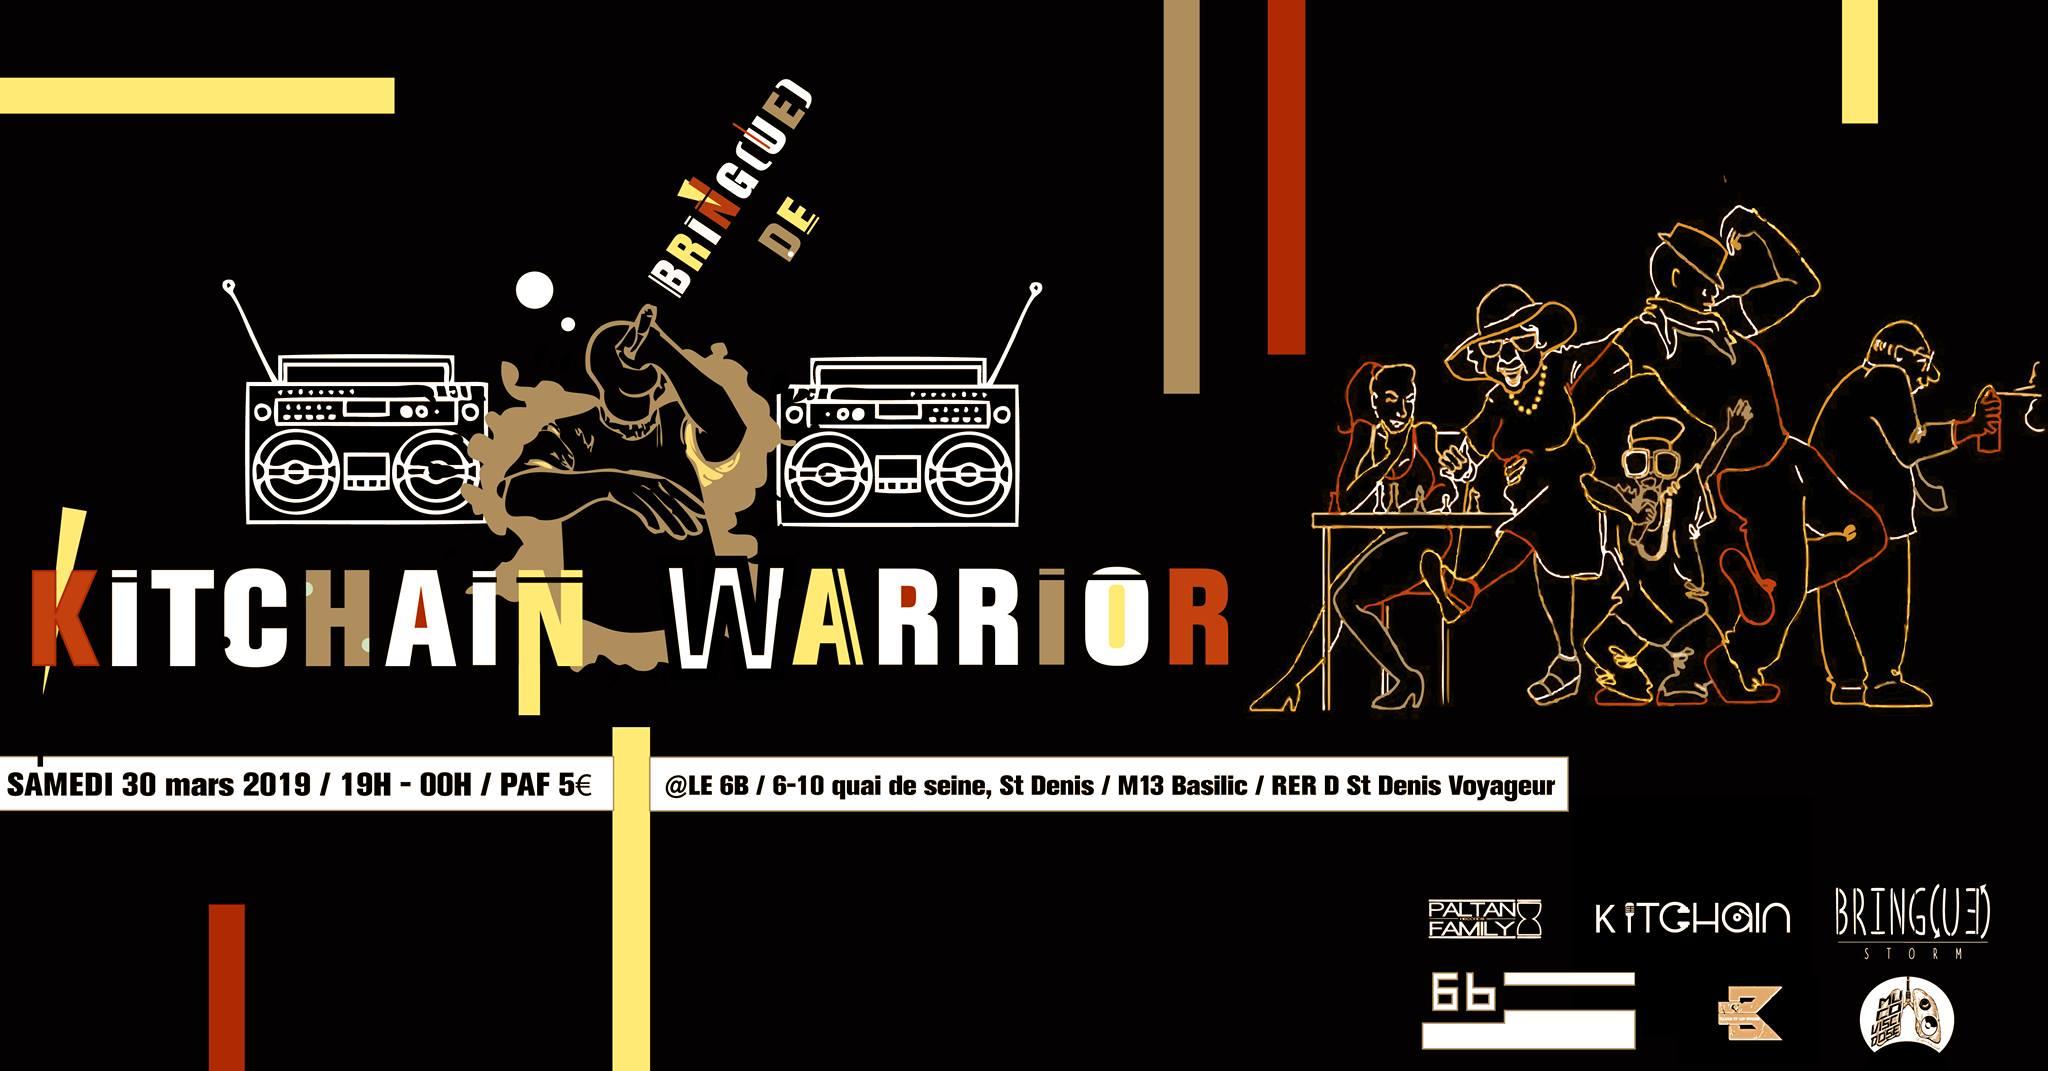 Kitchain Warrior #2